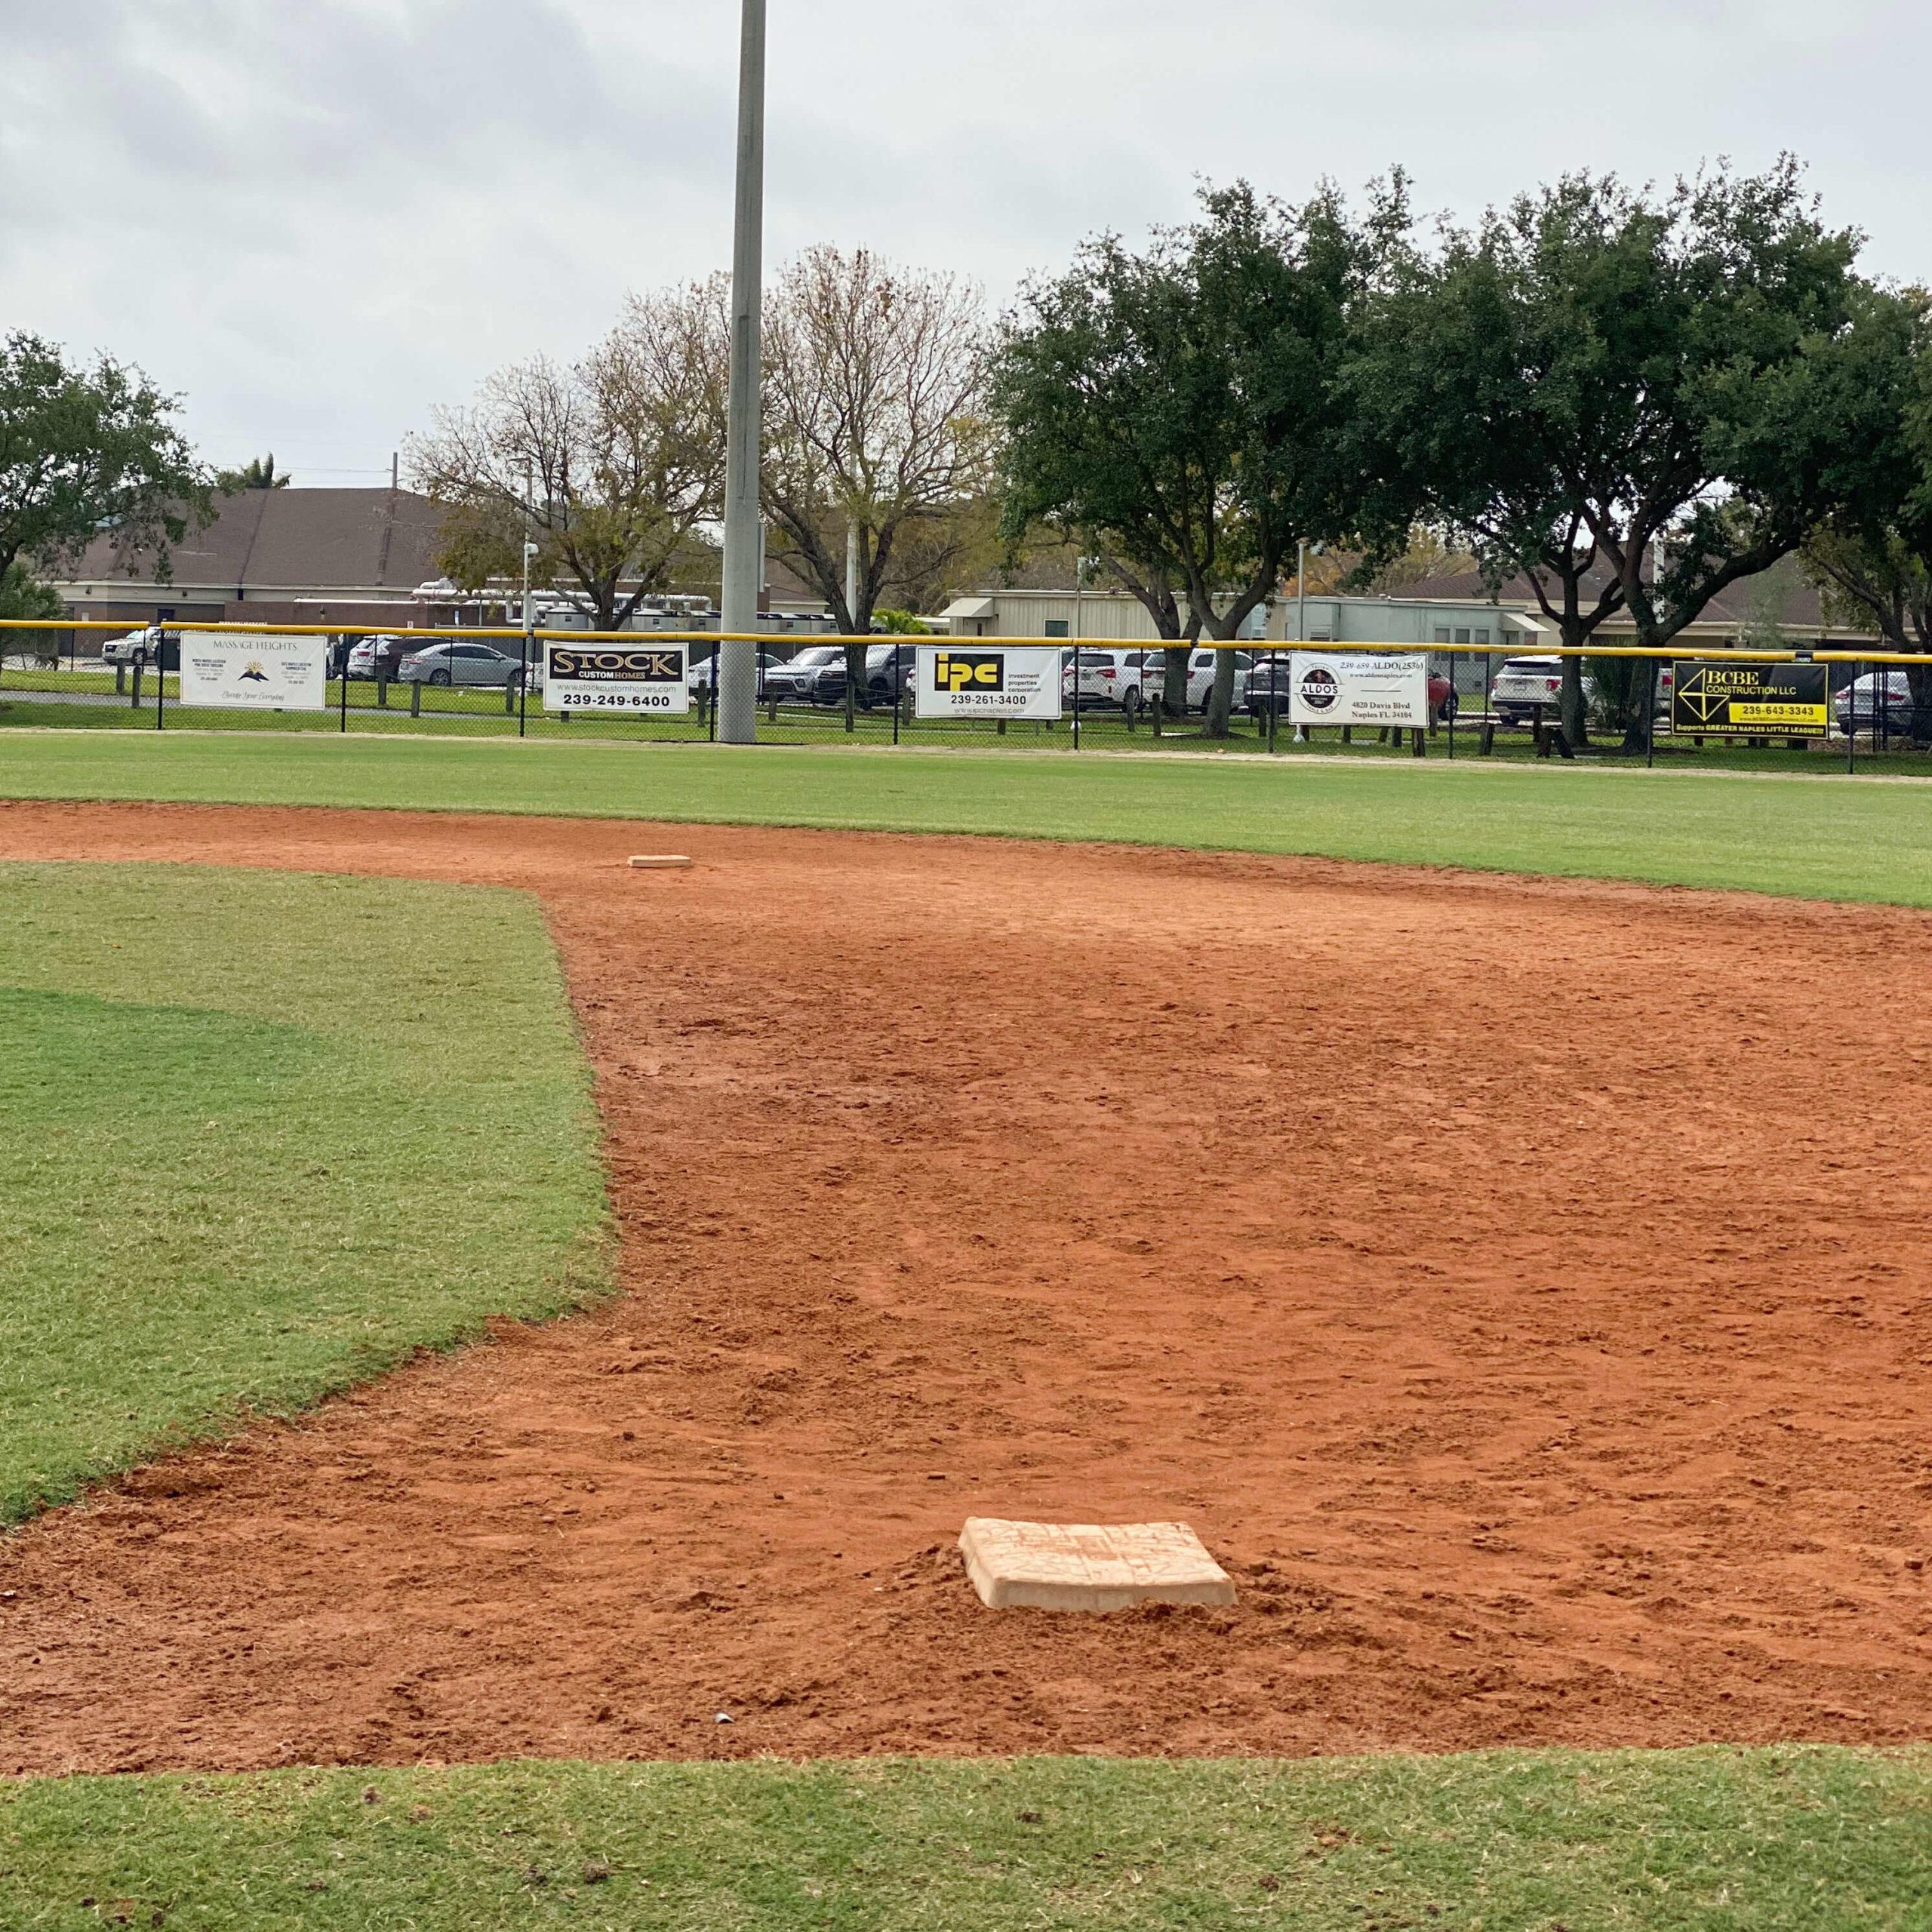 Fleischmann Park Baseball Field